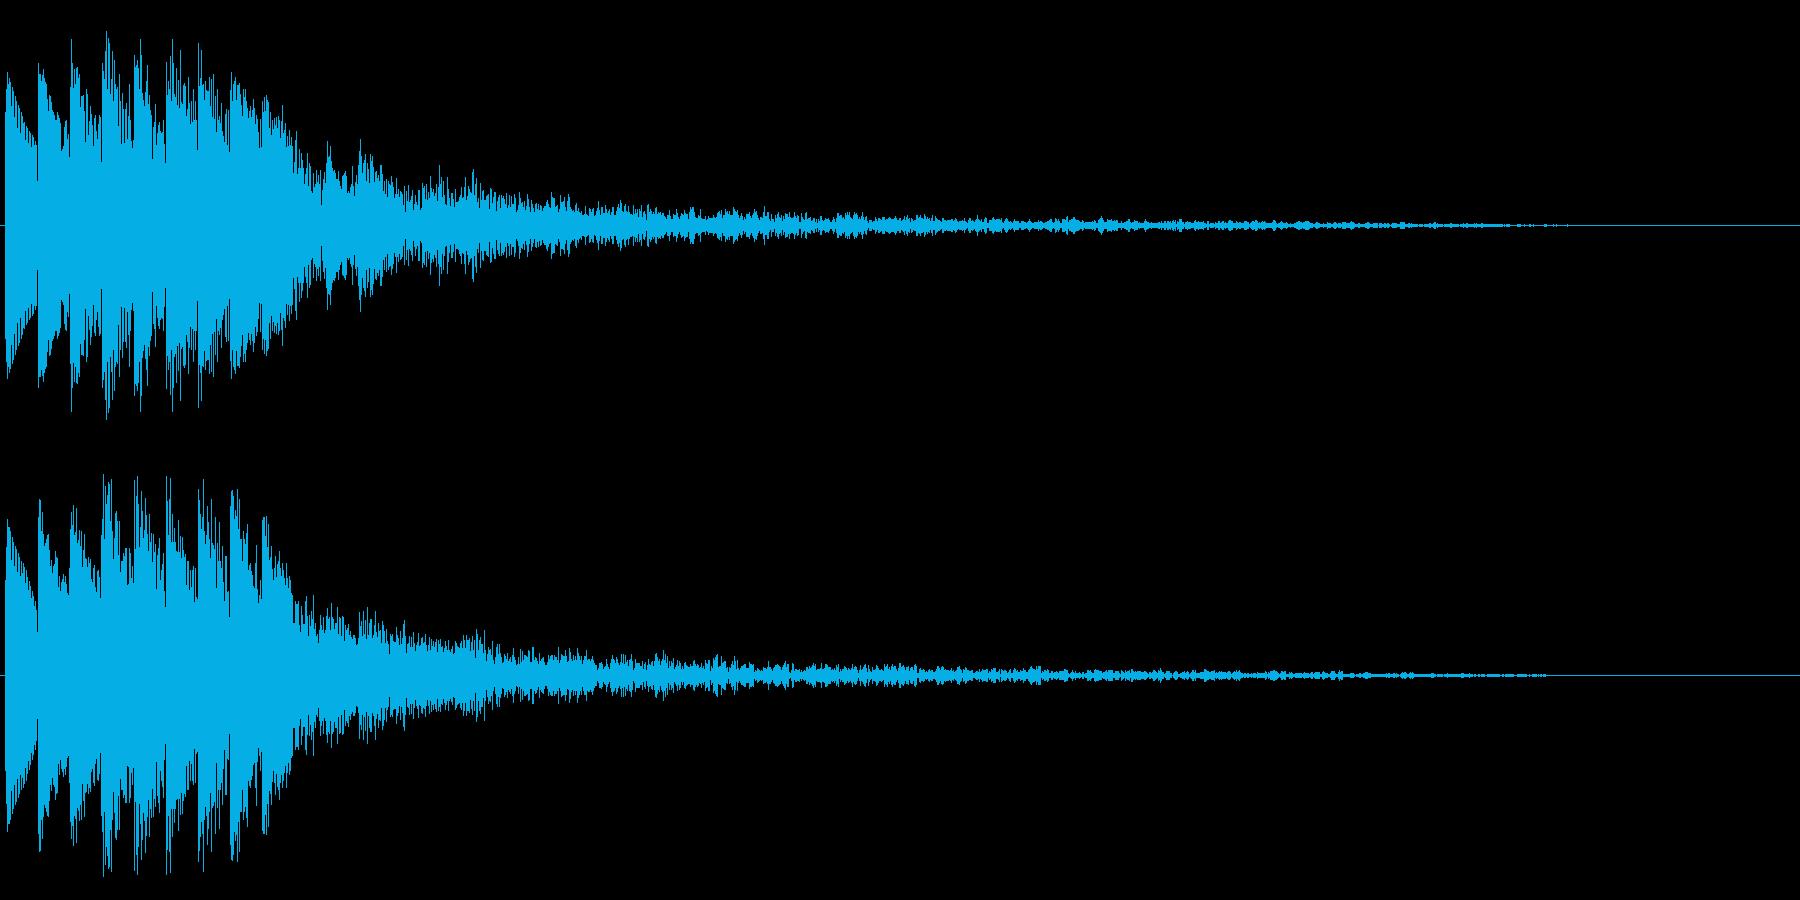 キラキラ/駆け上がり/場面転換/綺麗の再生済みの波形